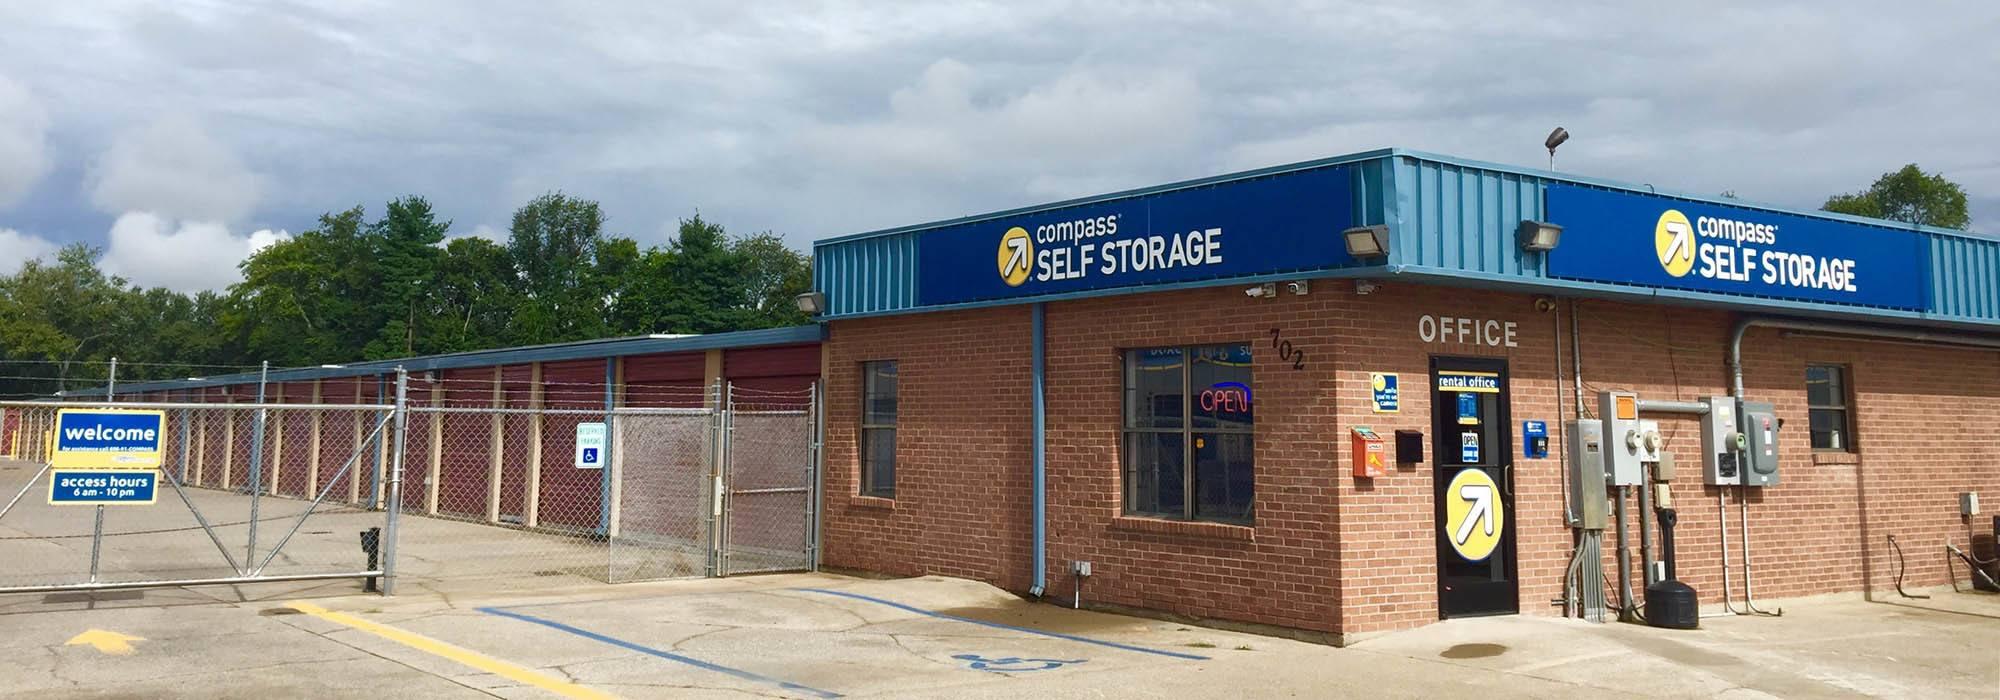 Self storage in Murfreesboro TN